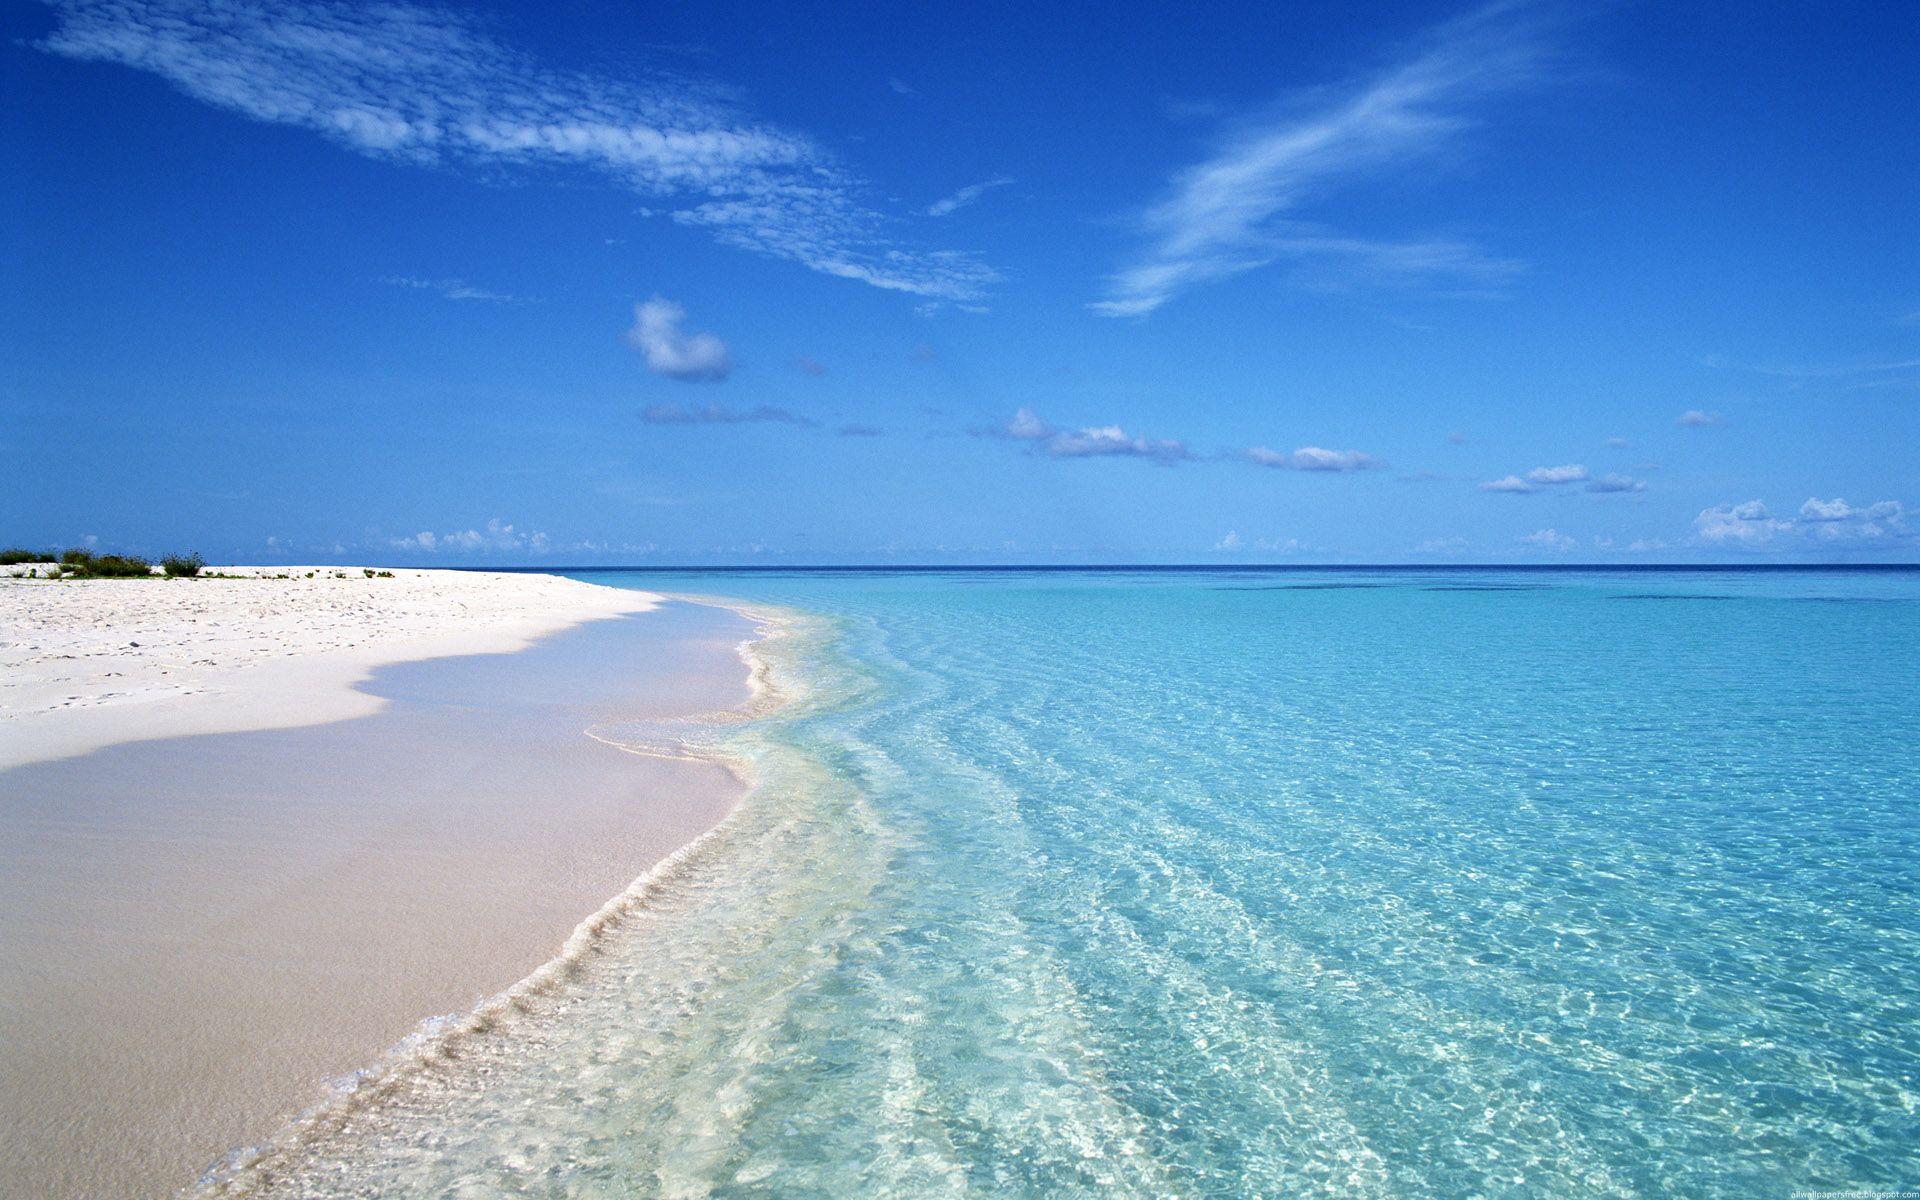 природа небо море берег скачать